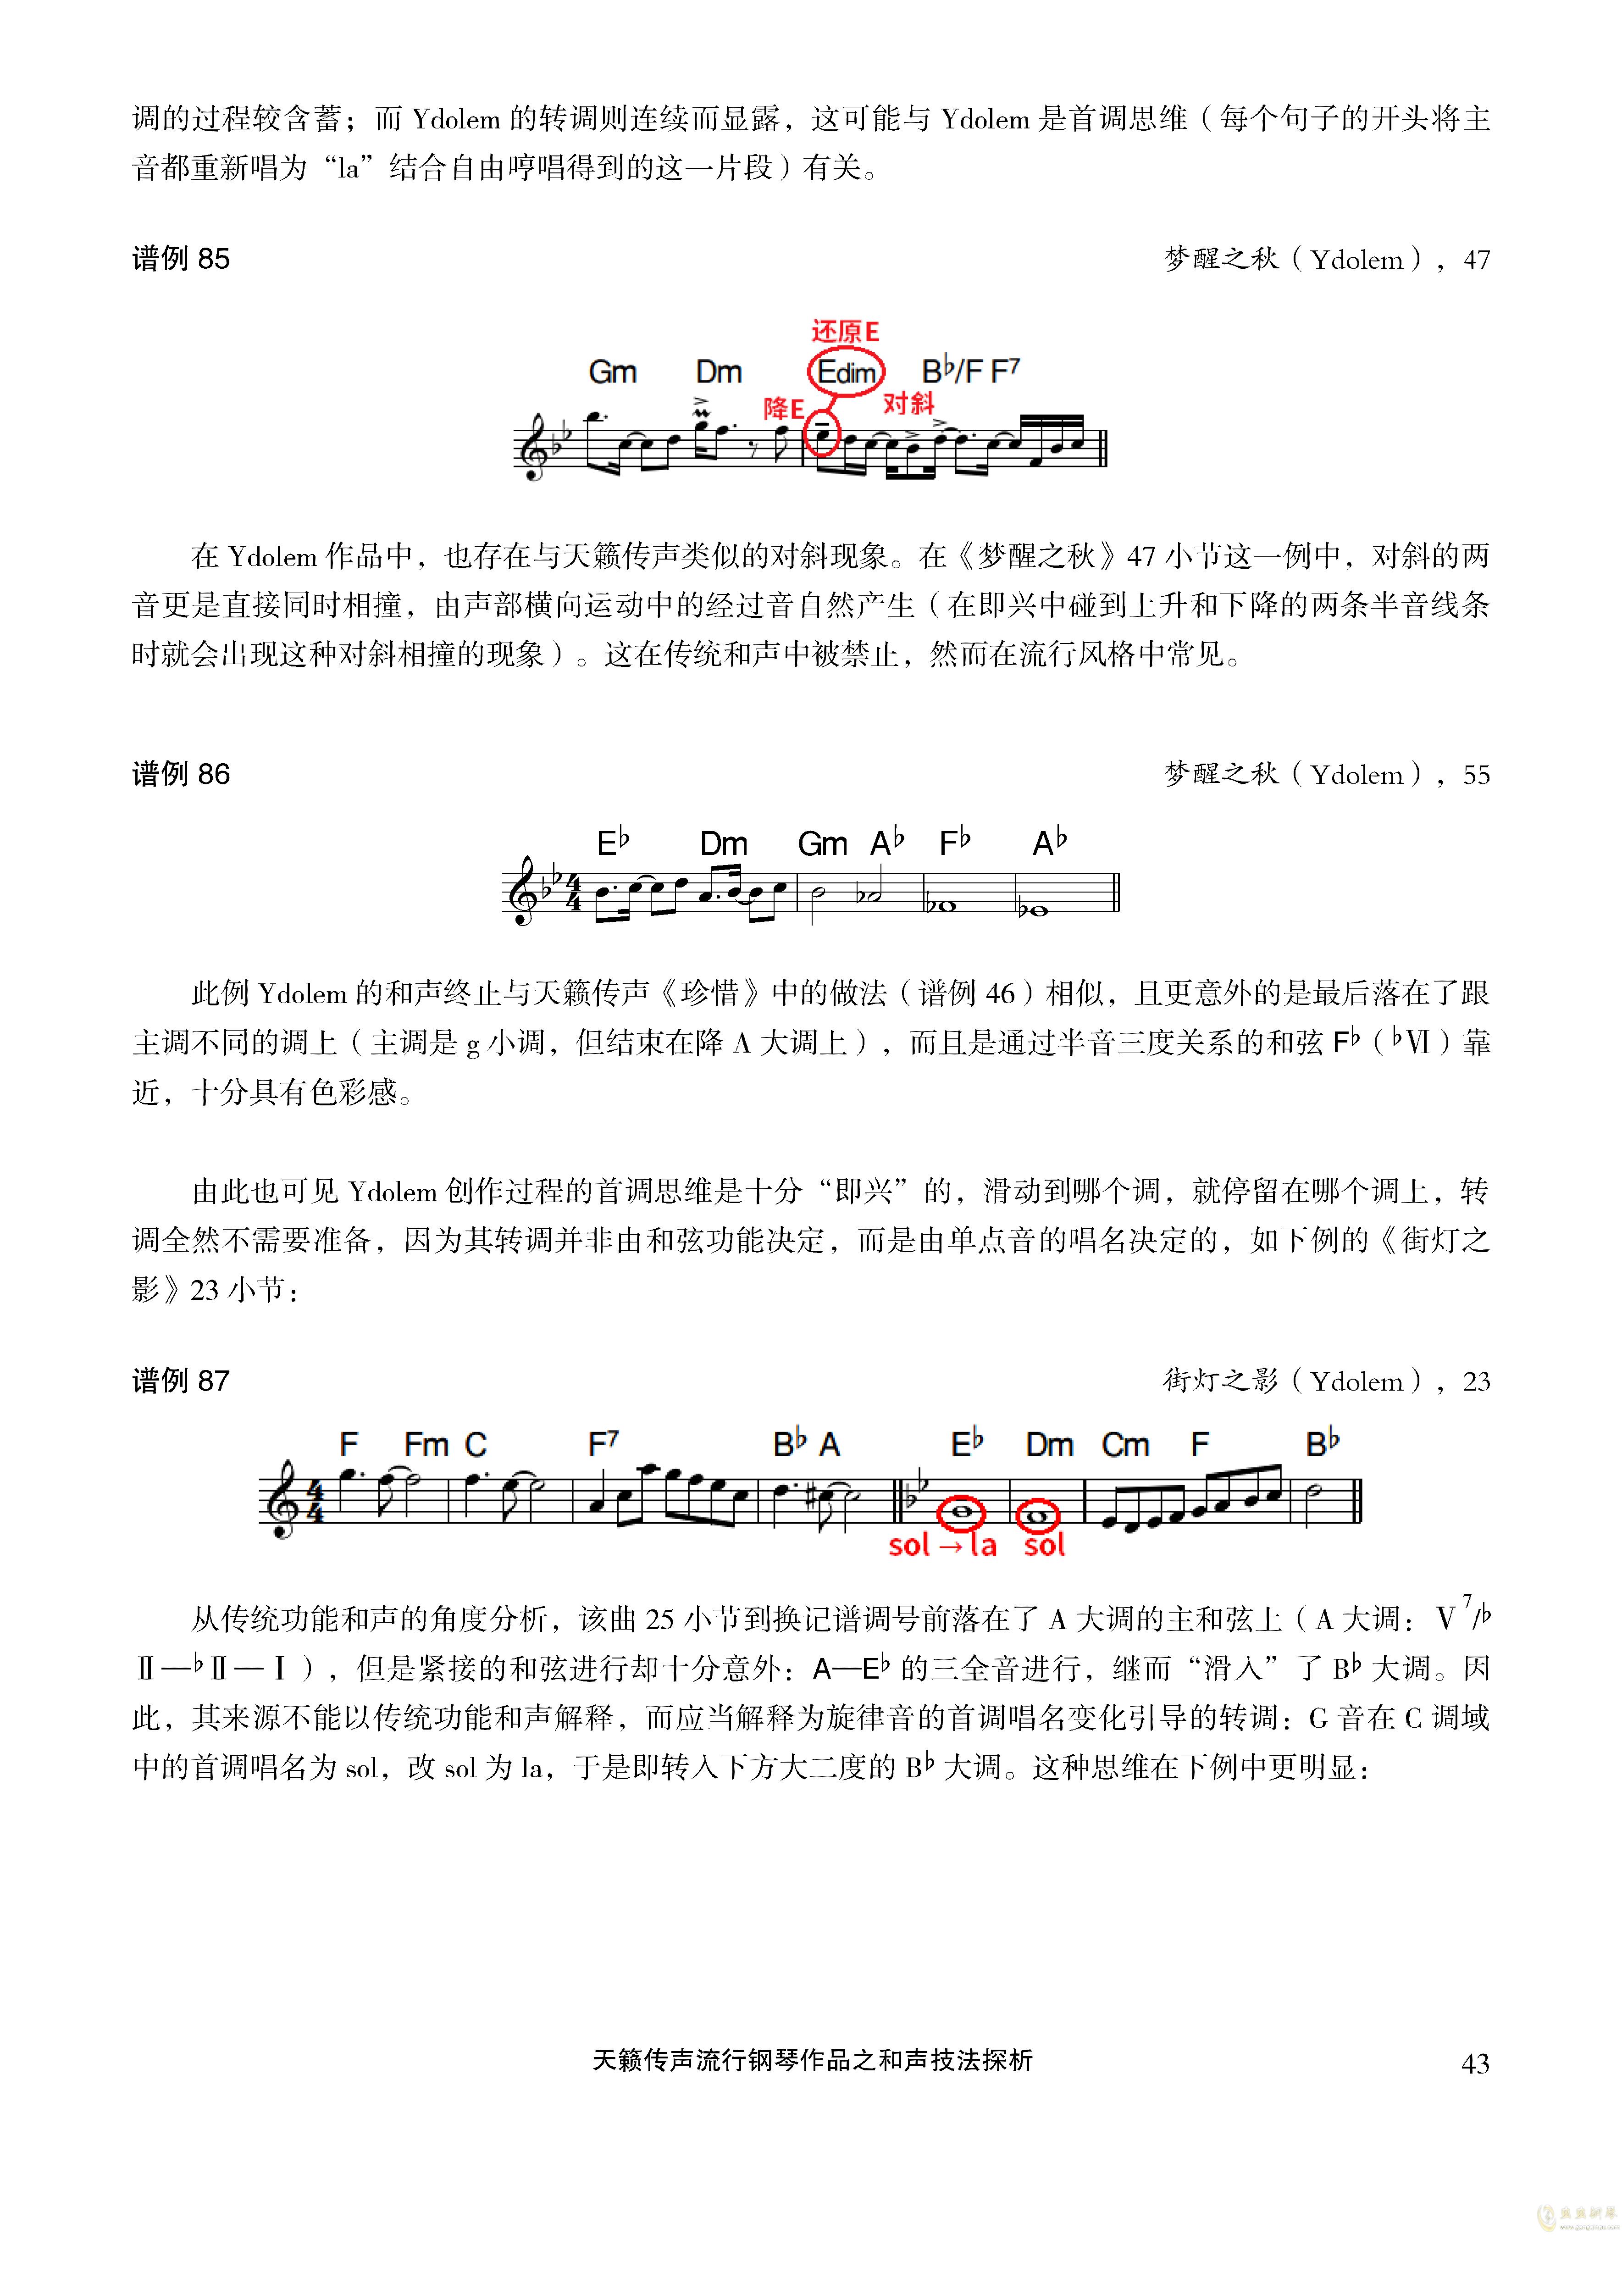 天籁传声和声技法探析澳门星际官网 第43页